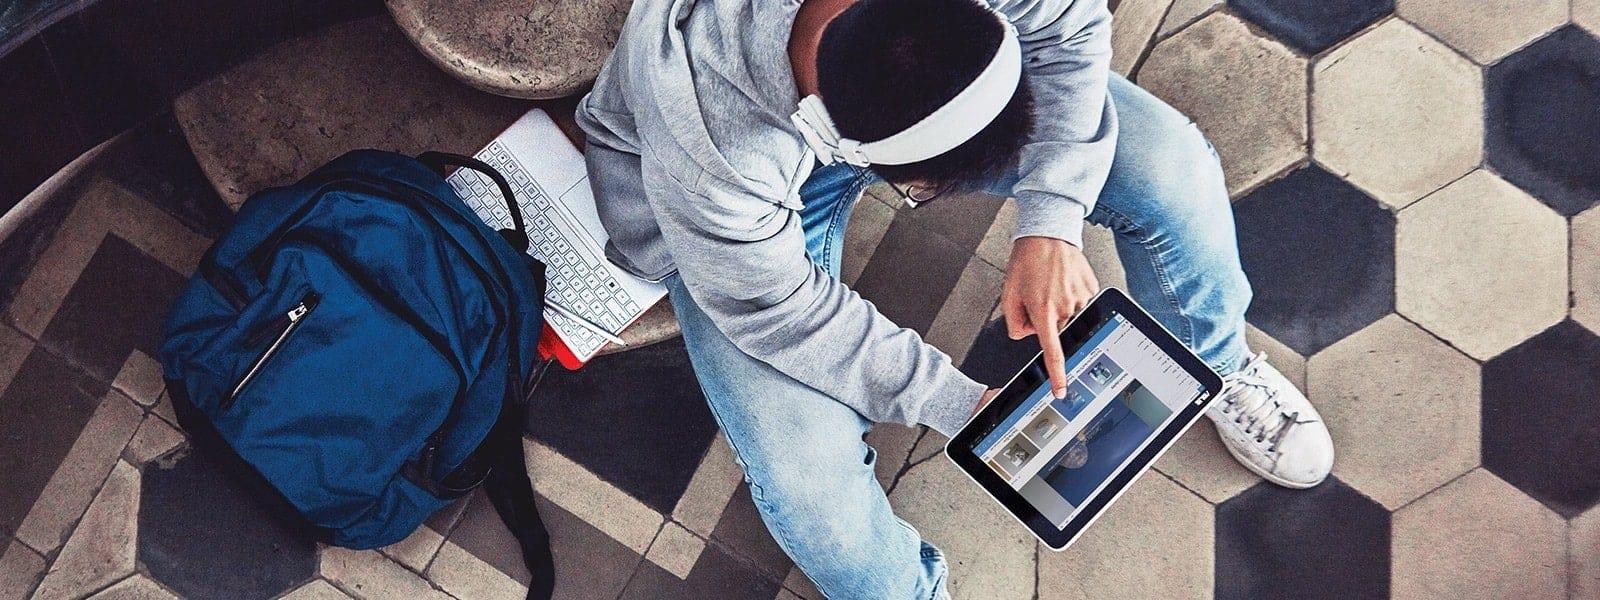 סטודנט מסתכל על מכשיר Windows 10